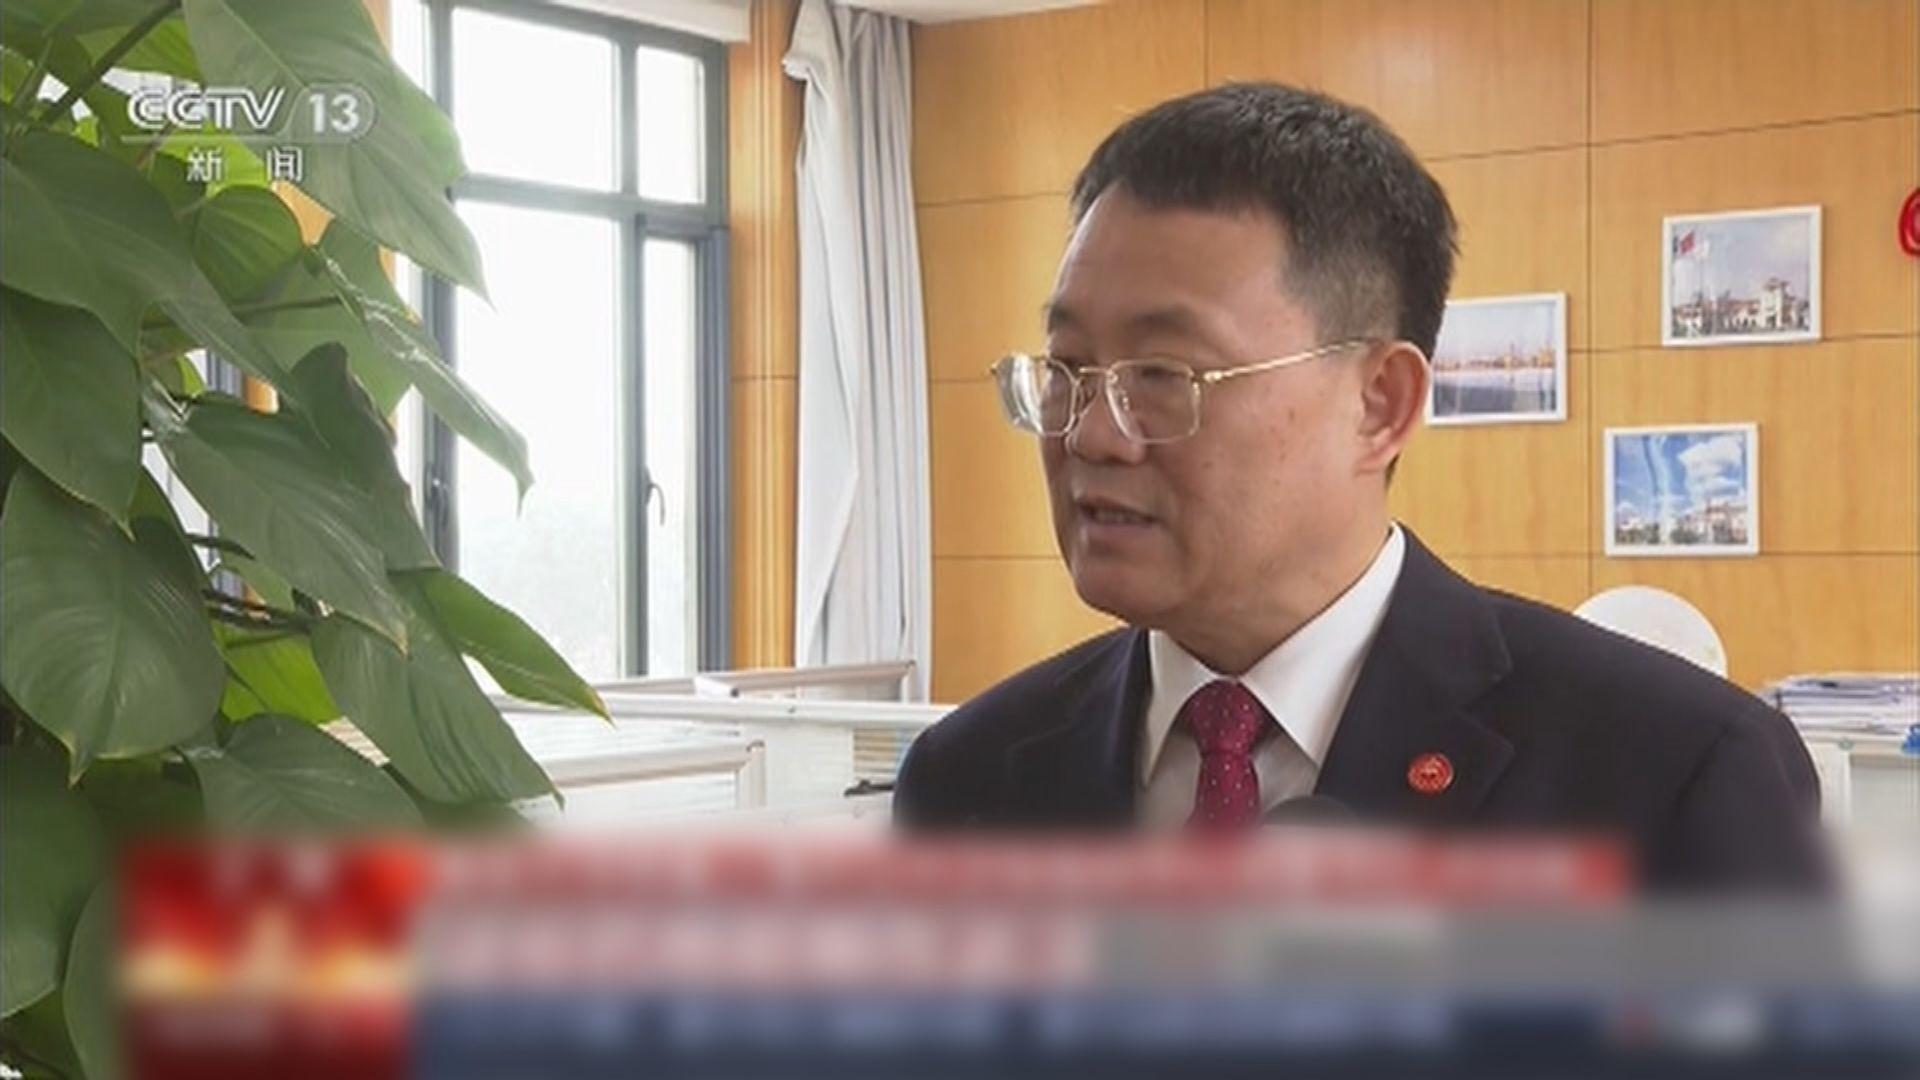 北京市衛健委證部分抗愛滋藥有效抑制新型冠狀病毒